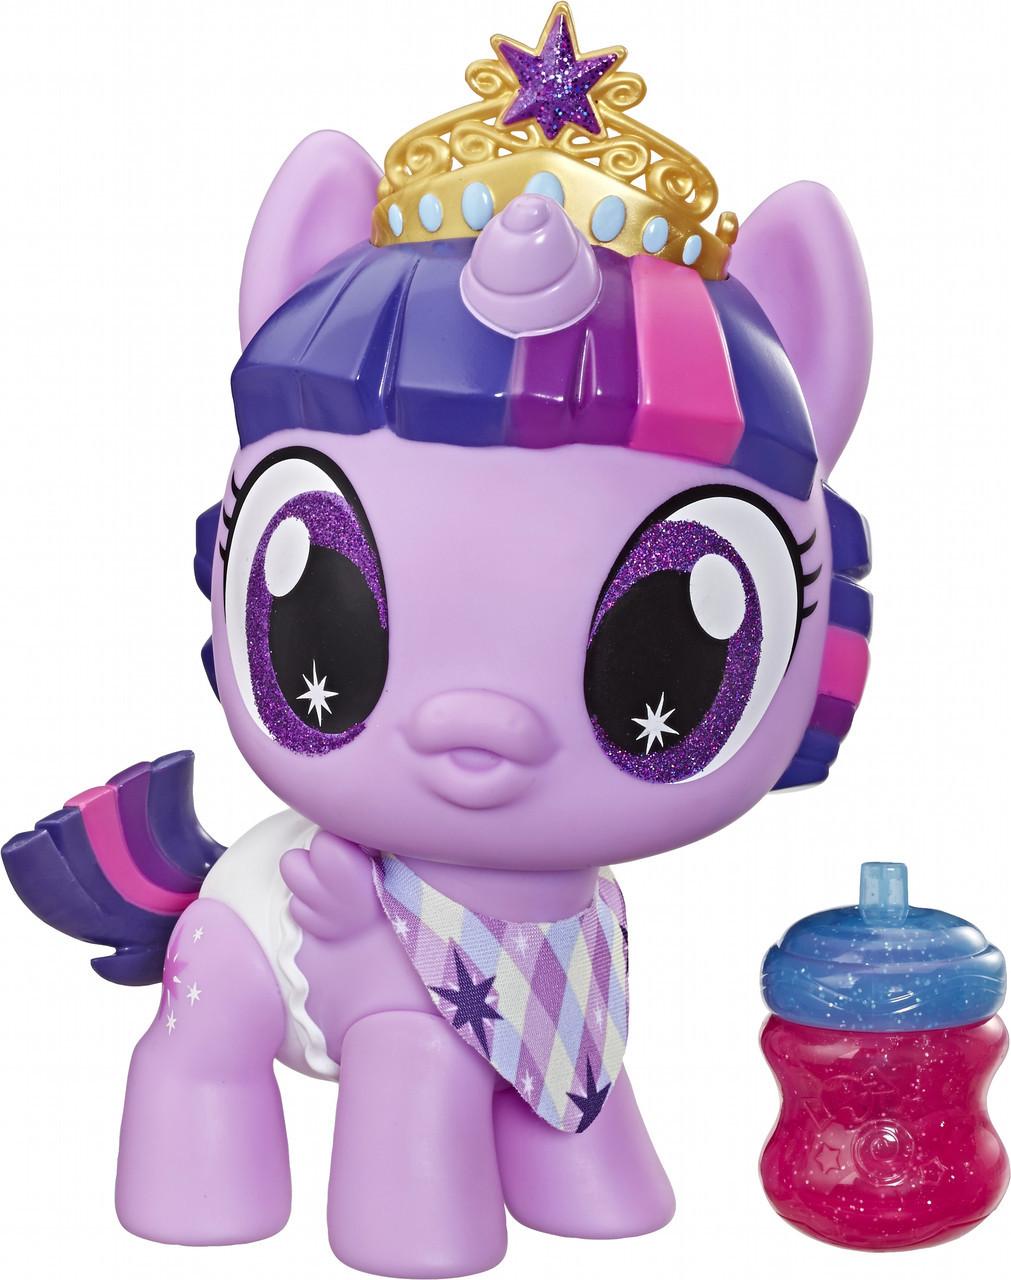 Інтерактивна іграшка Hasbro My Little Pony Поні малятко Твайлайт Спаркл (E5107-E6551)